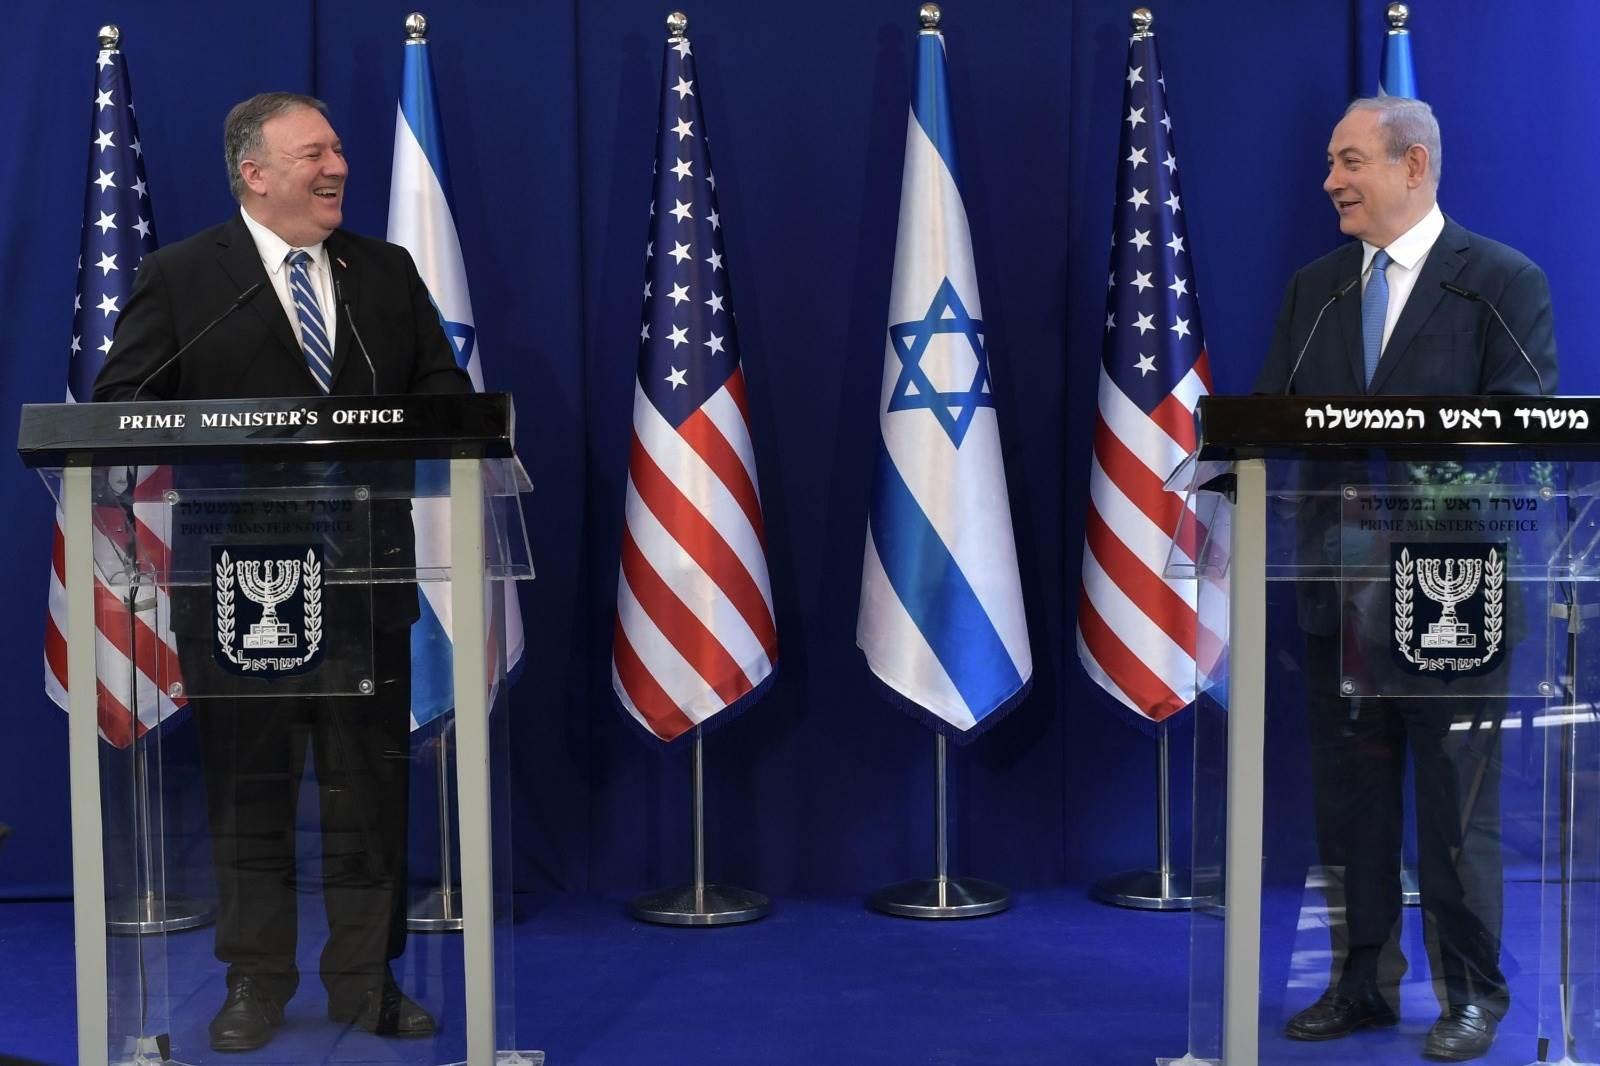 """في زيارة خاطفة.. بومبيو يبحث مع نتنياهو """"صفقة القرن"""" و""""تحجيم إيران"""""""